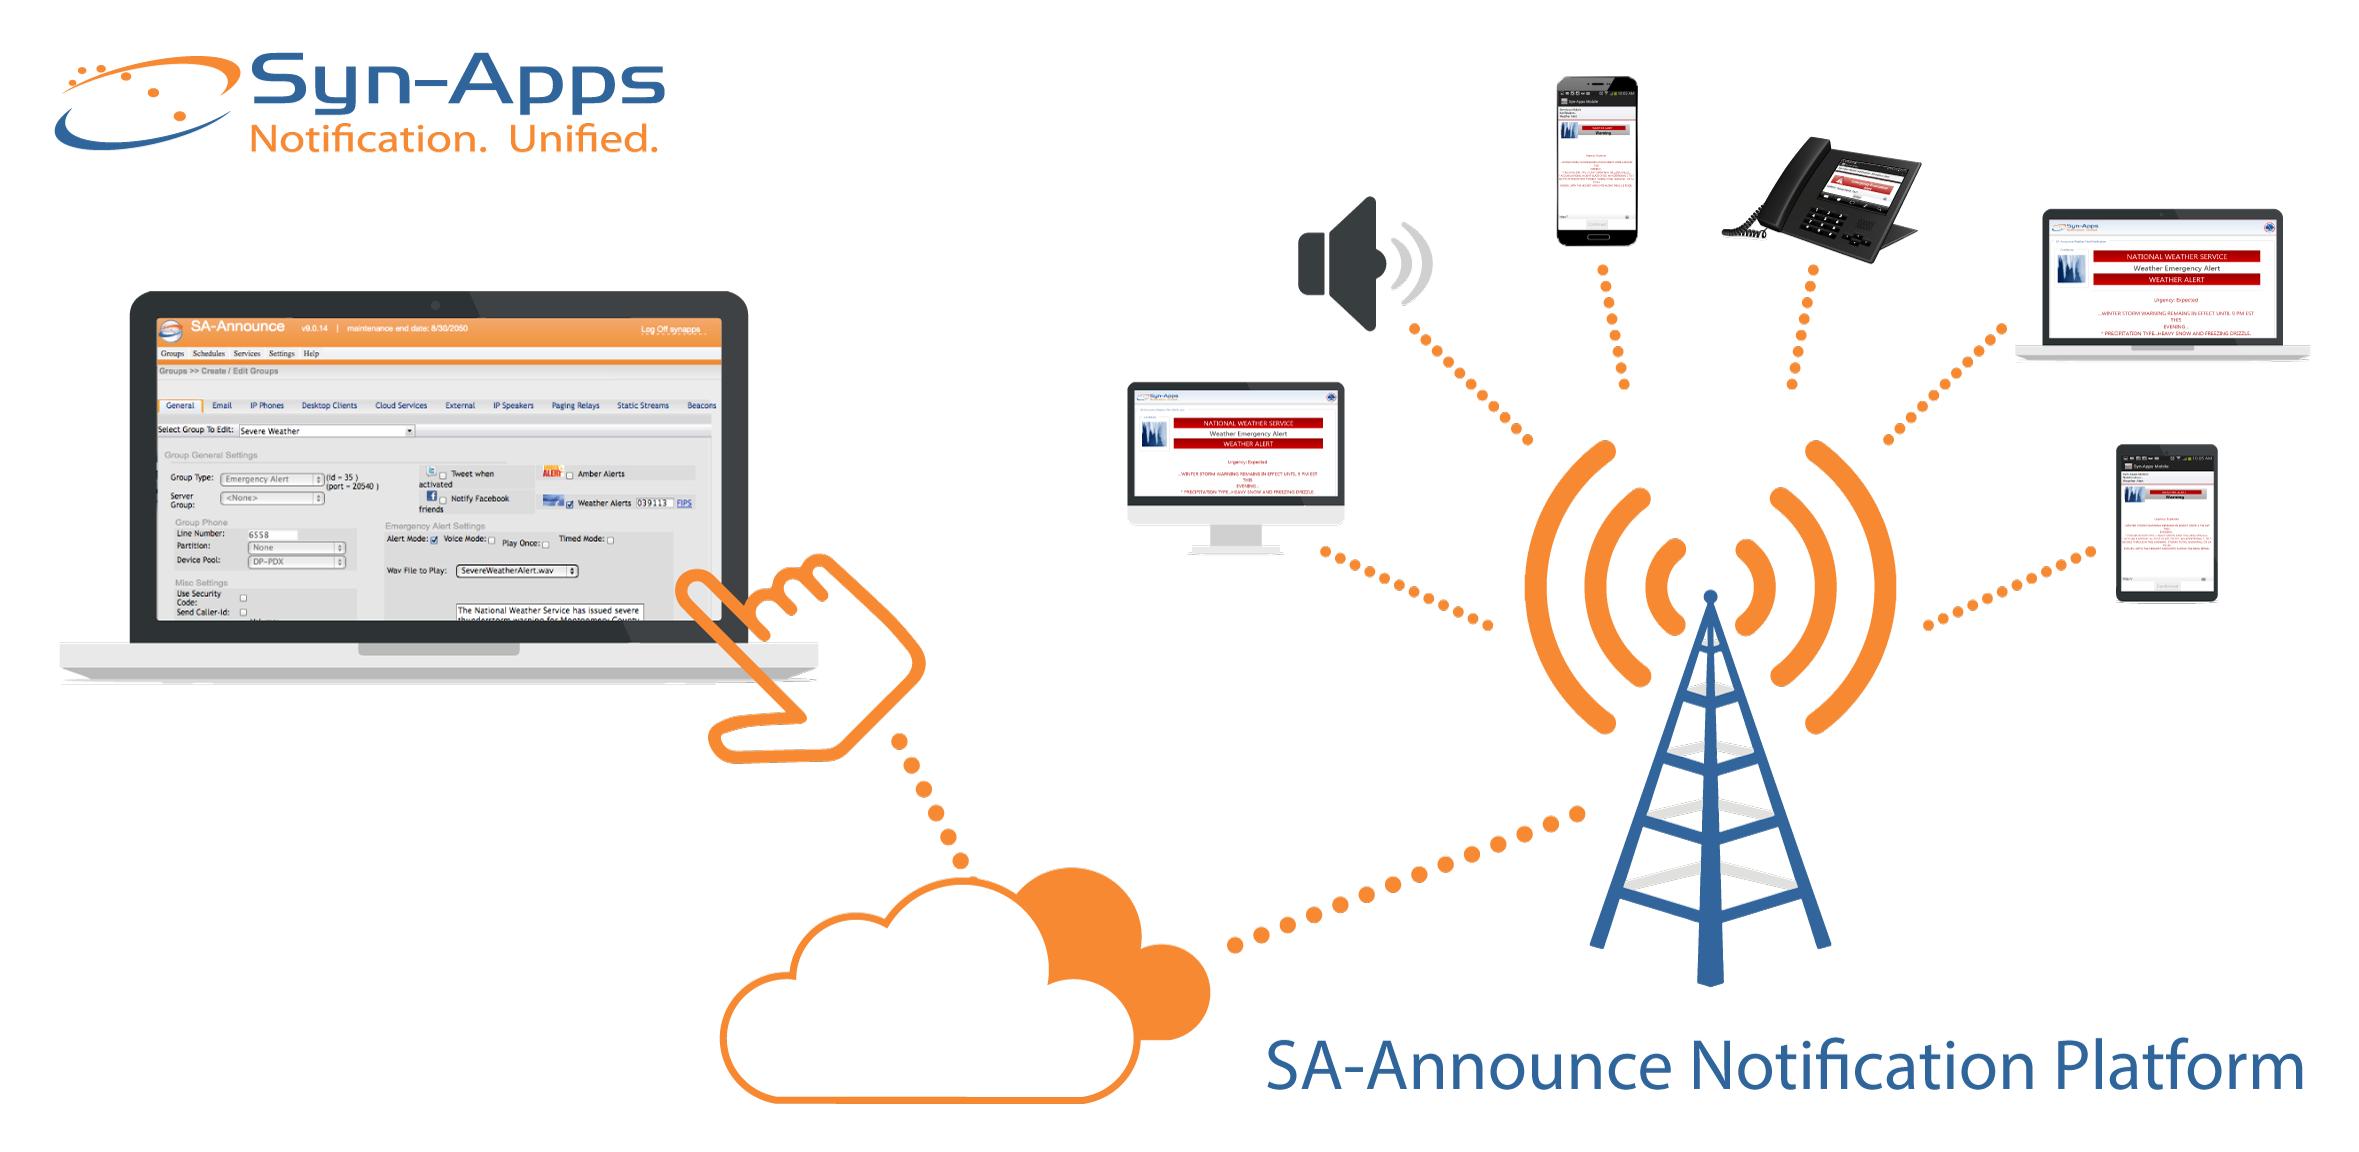 SA-Announce platform